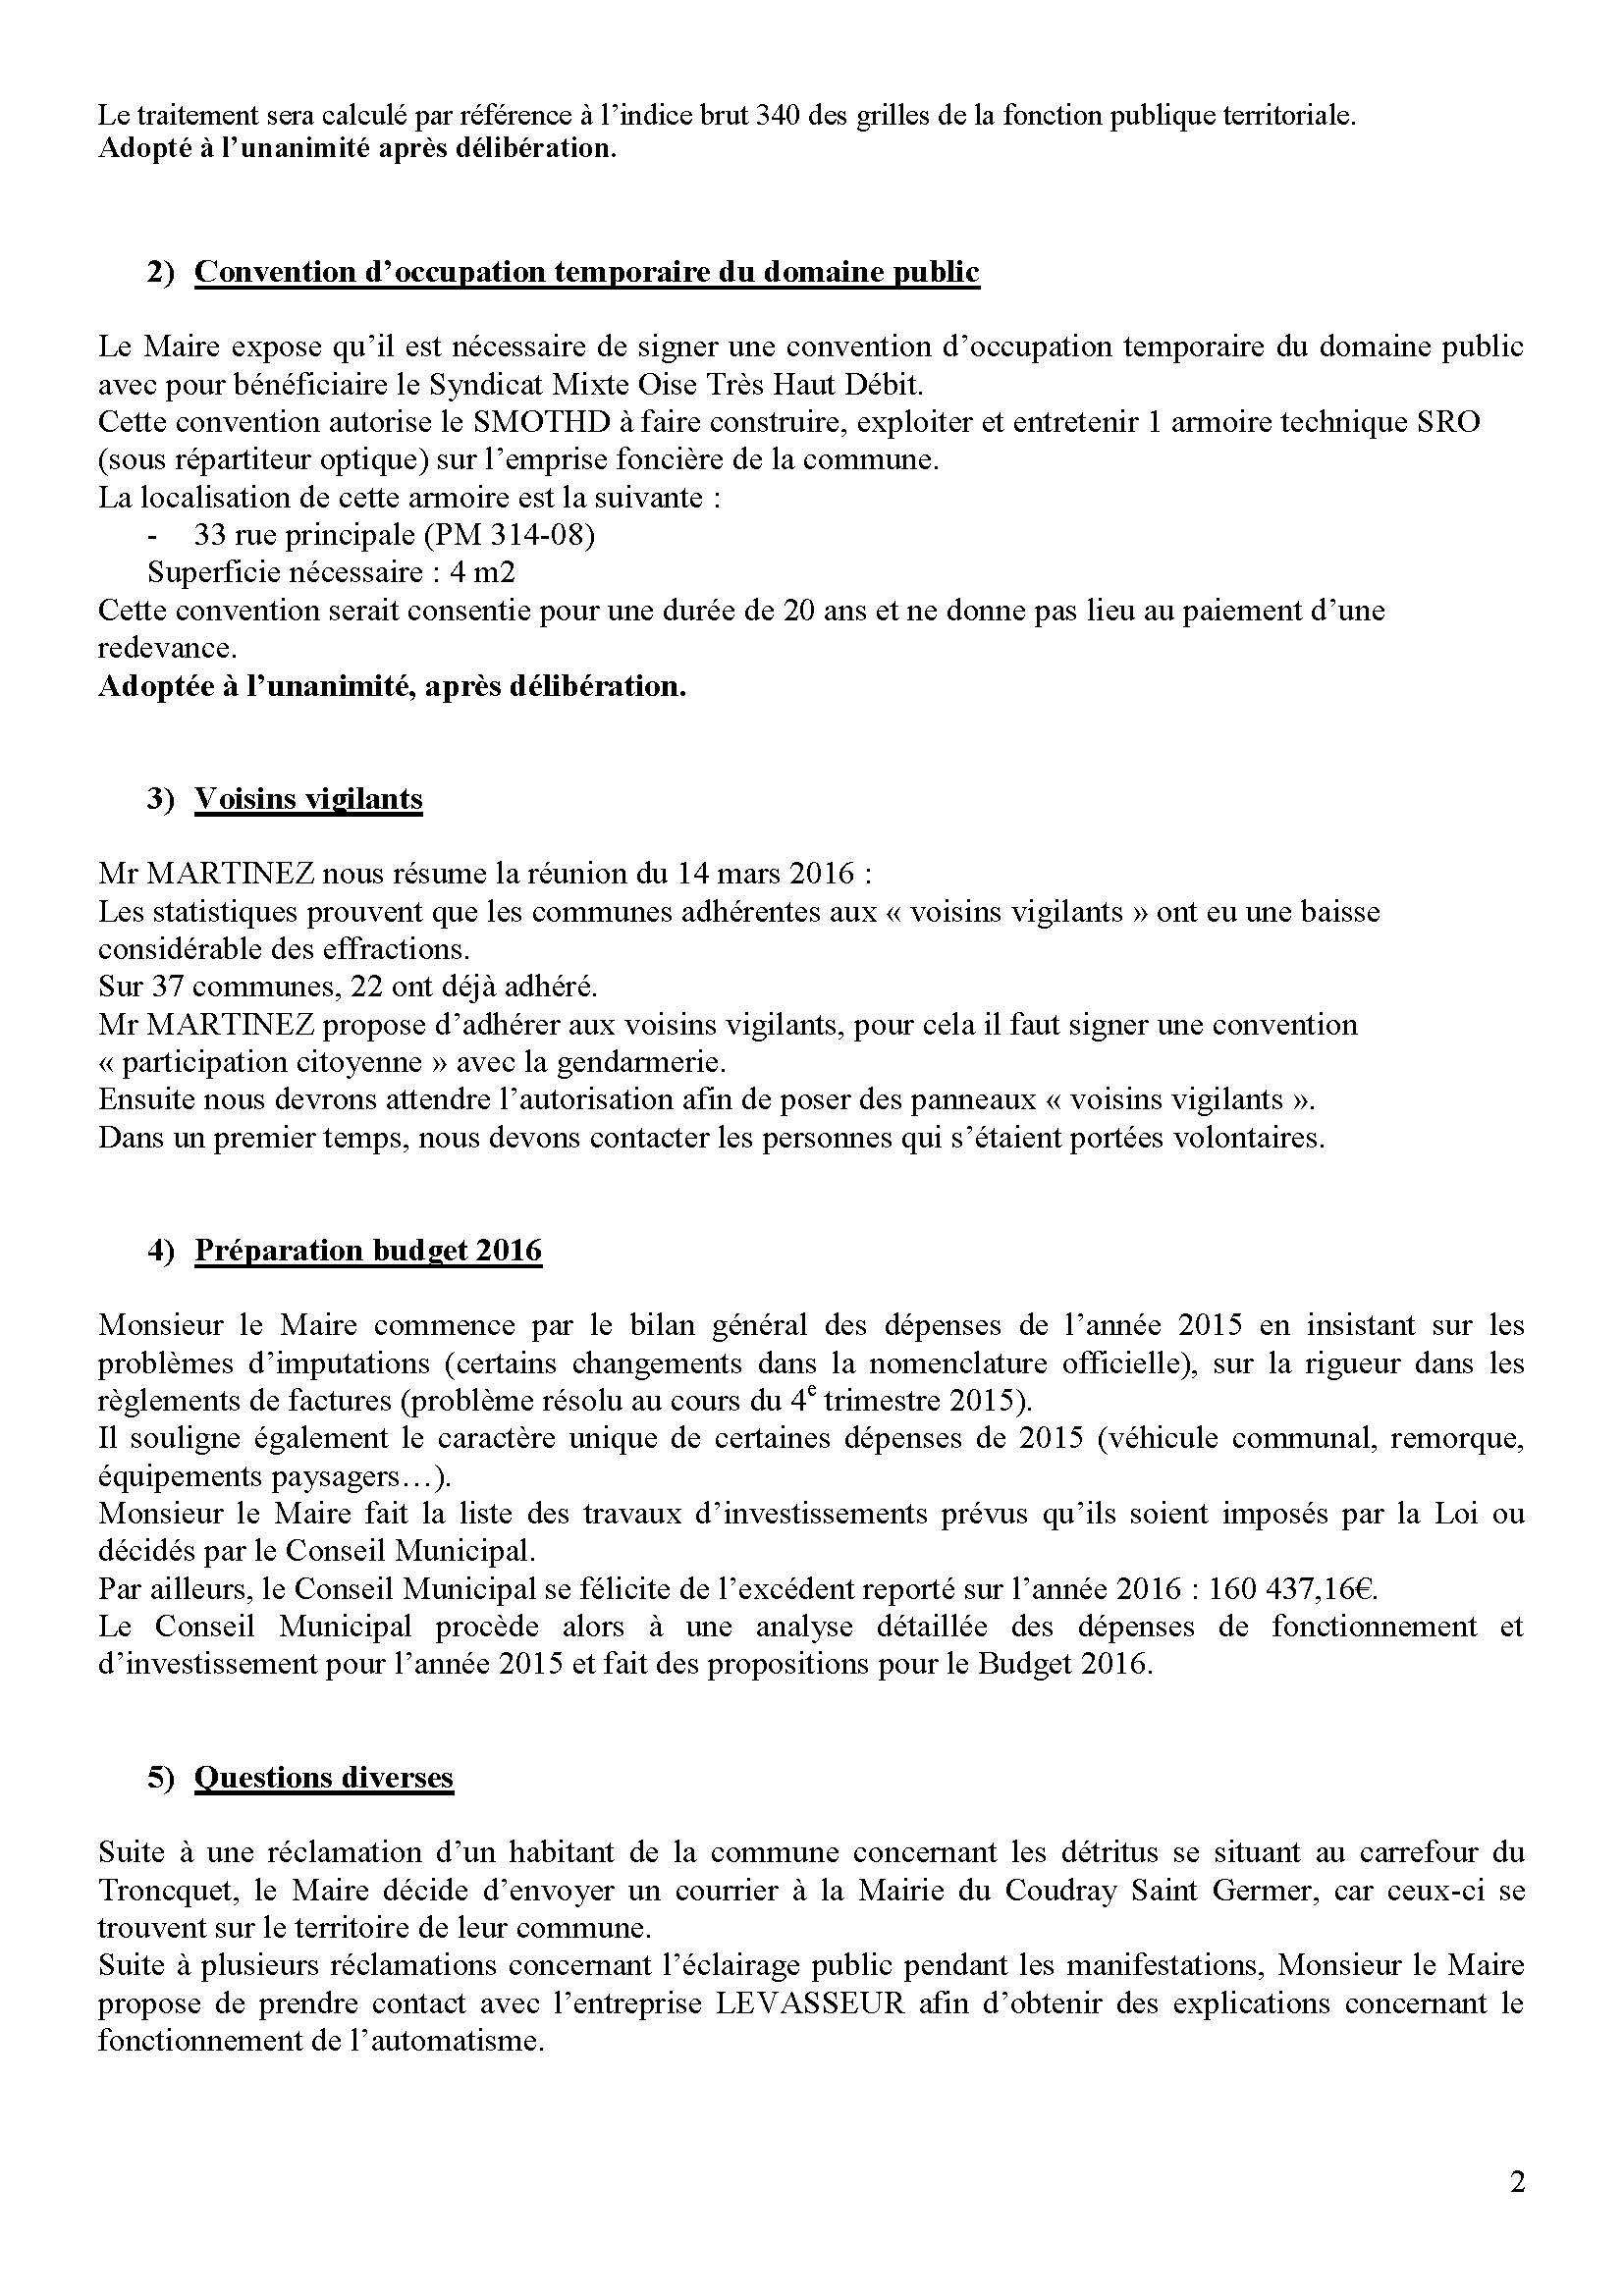 cr-du-18032016-page-2